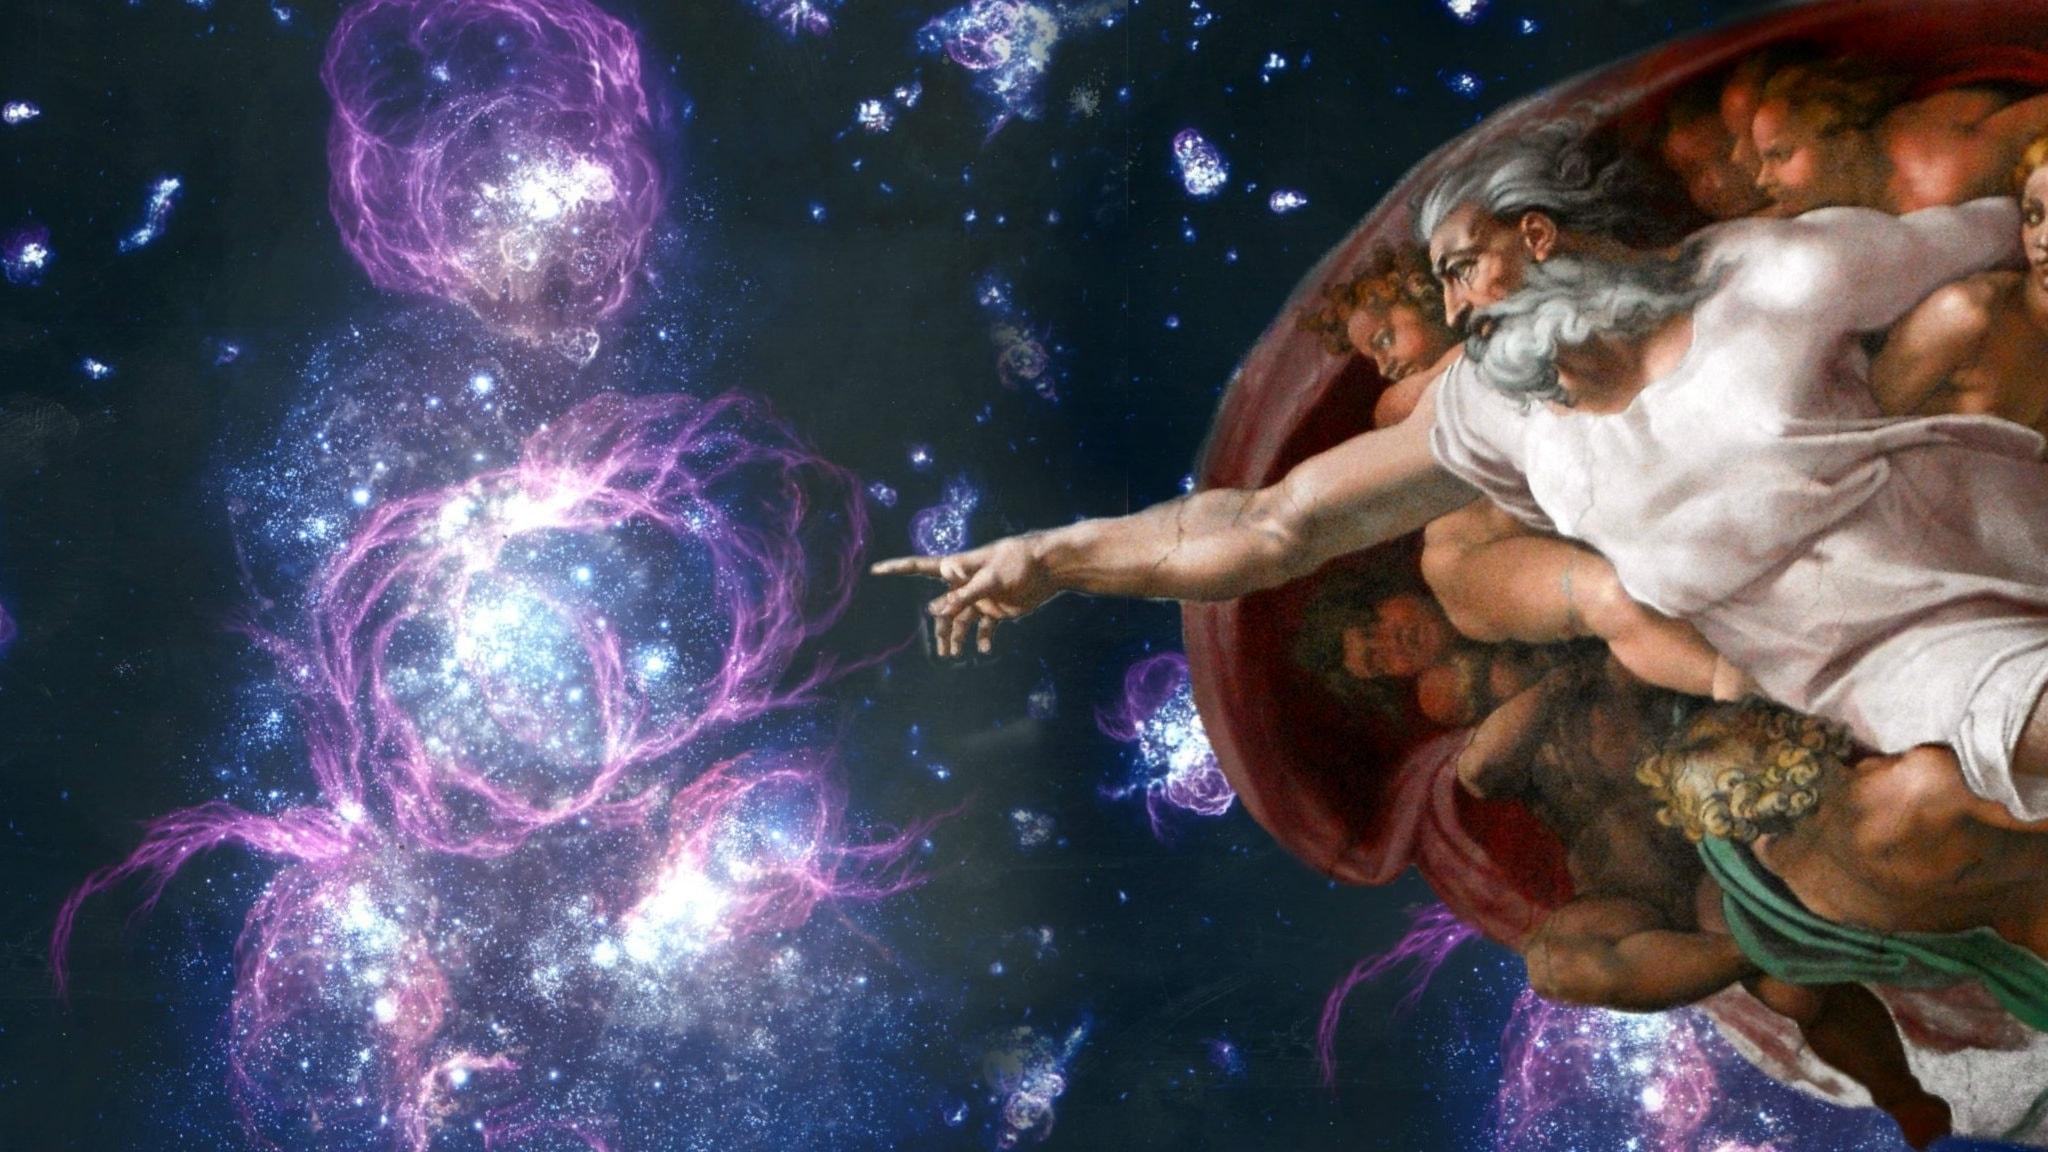 En del av Michelangelos gestaltning av människans skapelse, från Sixtinska kapellet, tillsammans med Adolf Schallers tolkning stjärnformationer I ett mycket ungt universum. Bilden är ett montage.